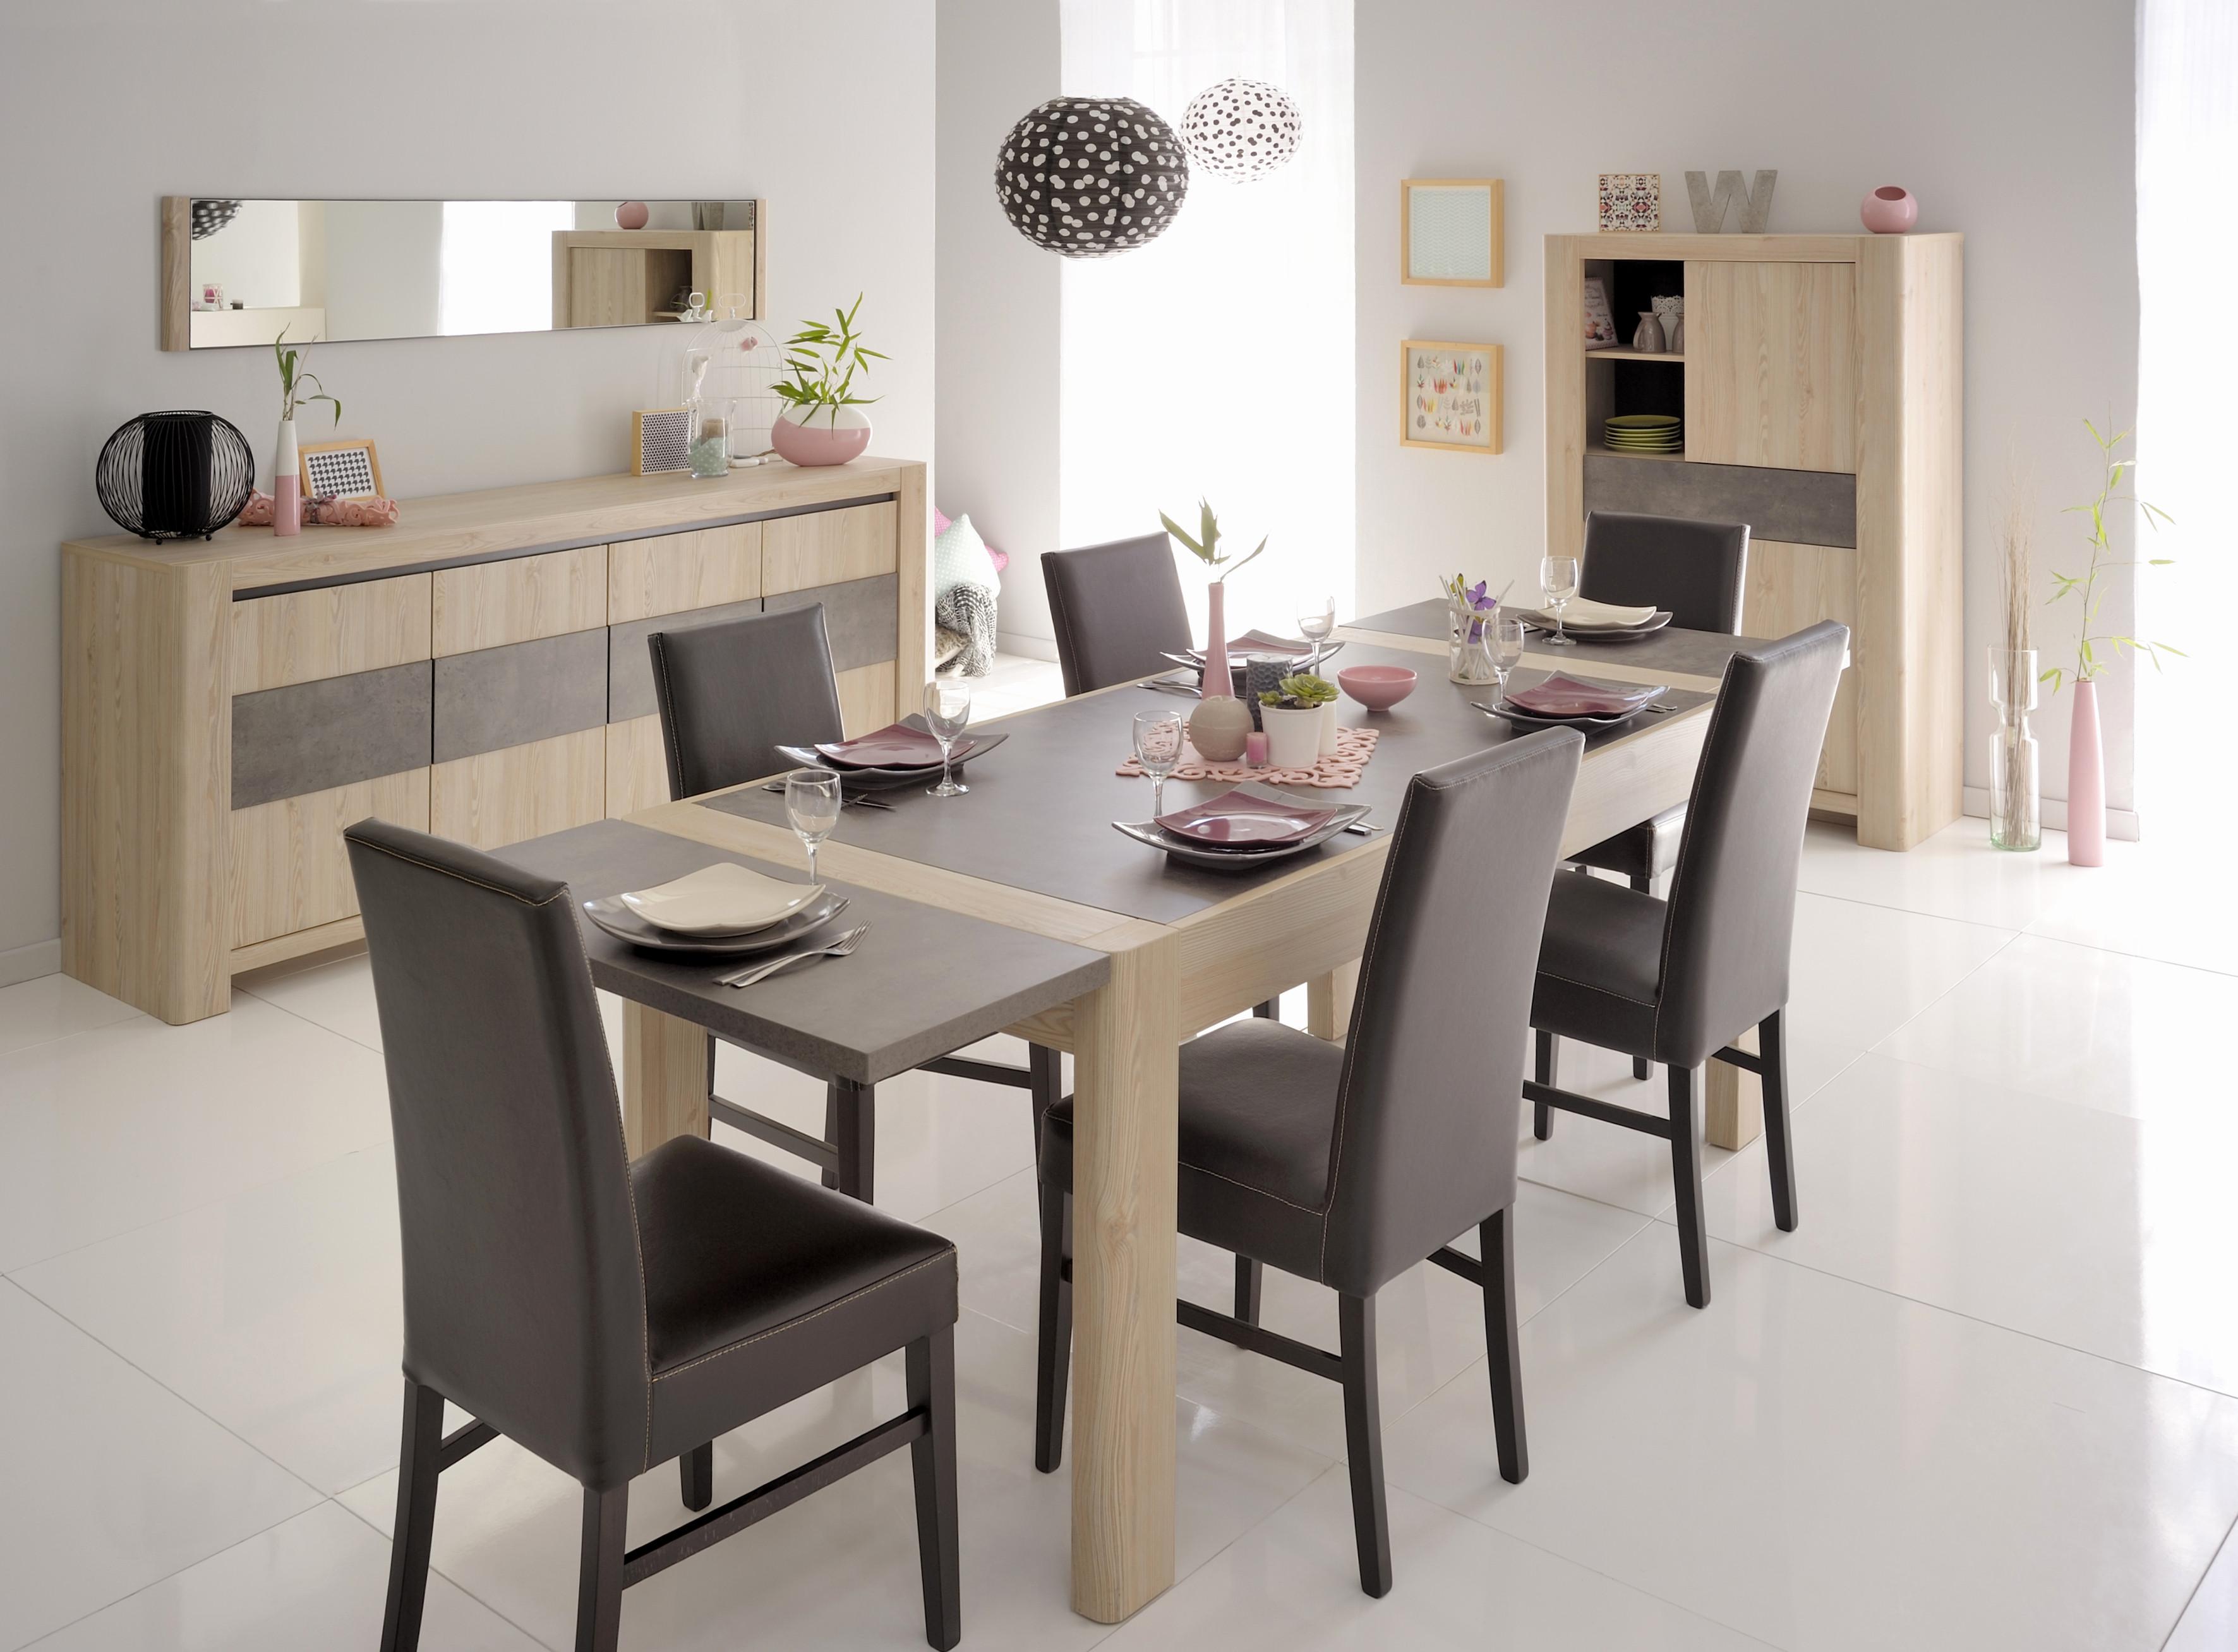 Meubles salle manger optez pour le style contemporain - Meubles salle a manger contemporain ...